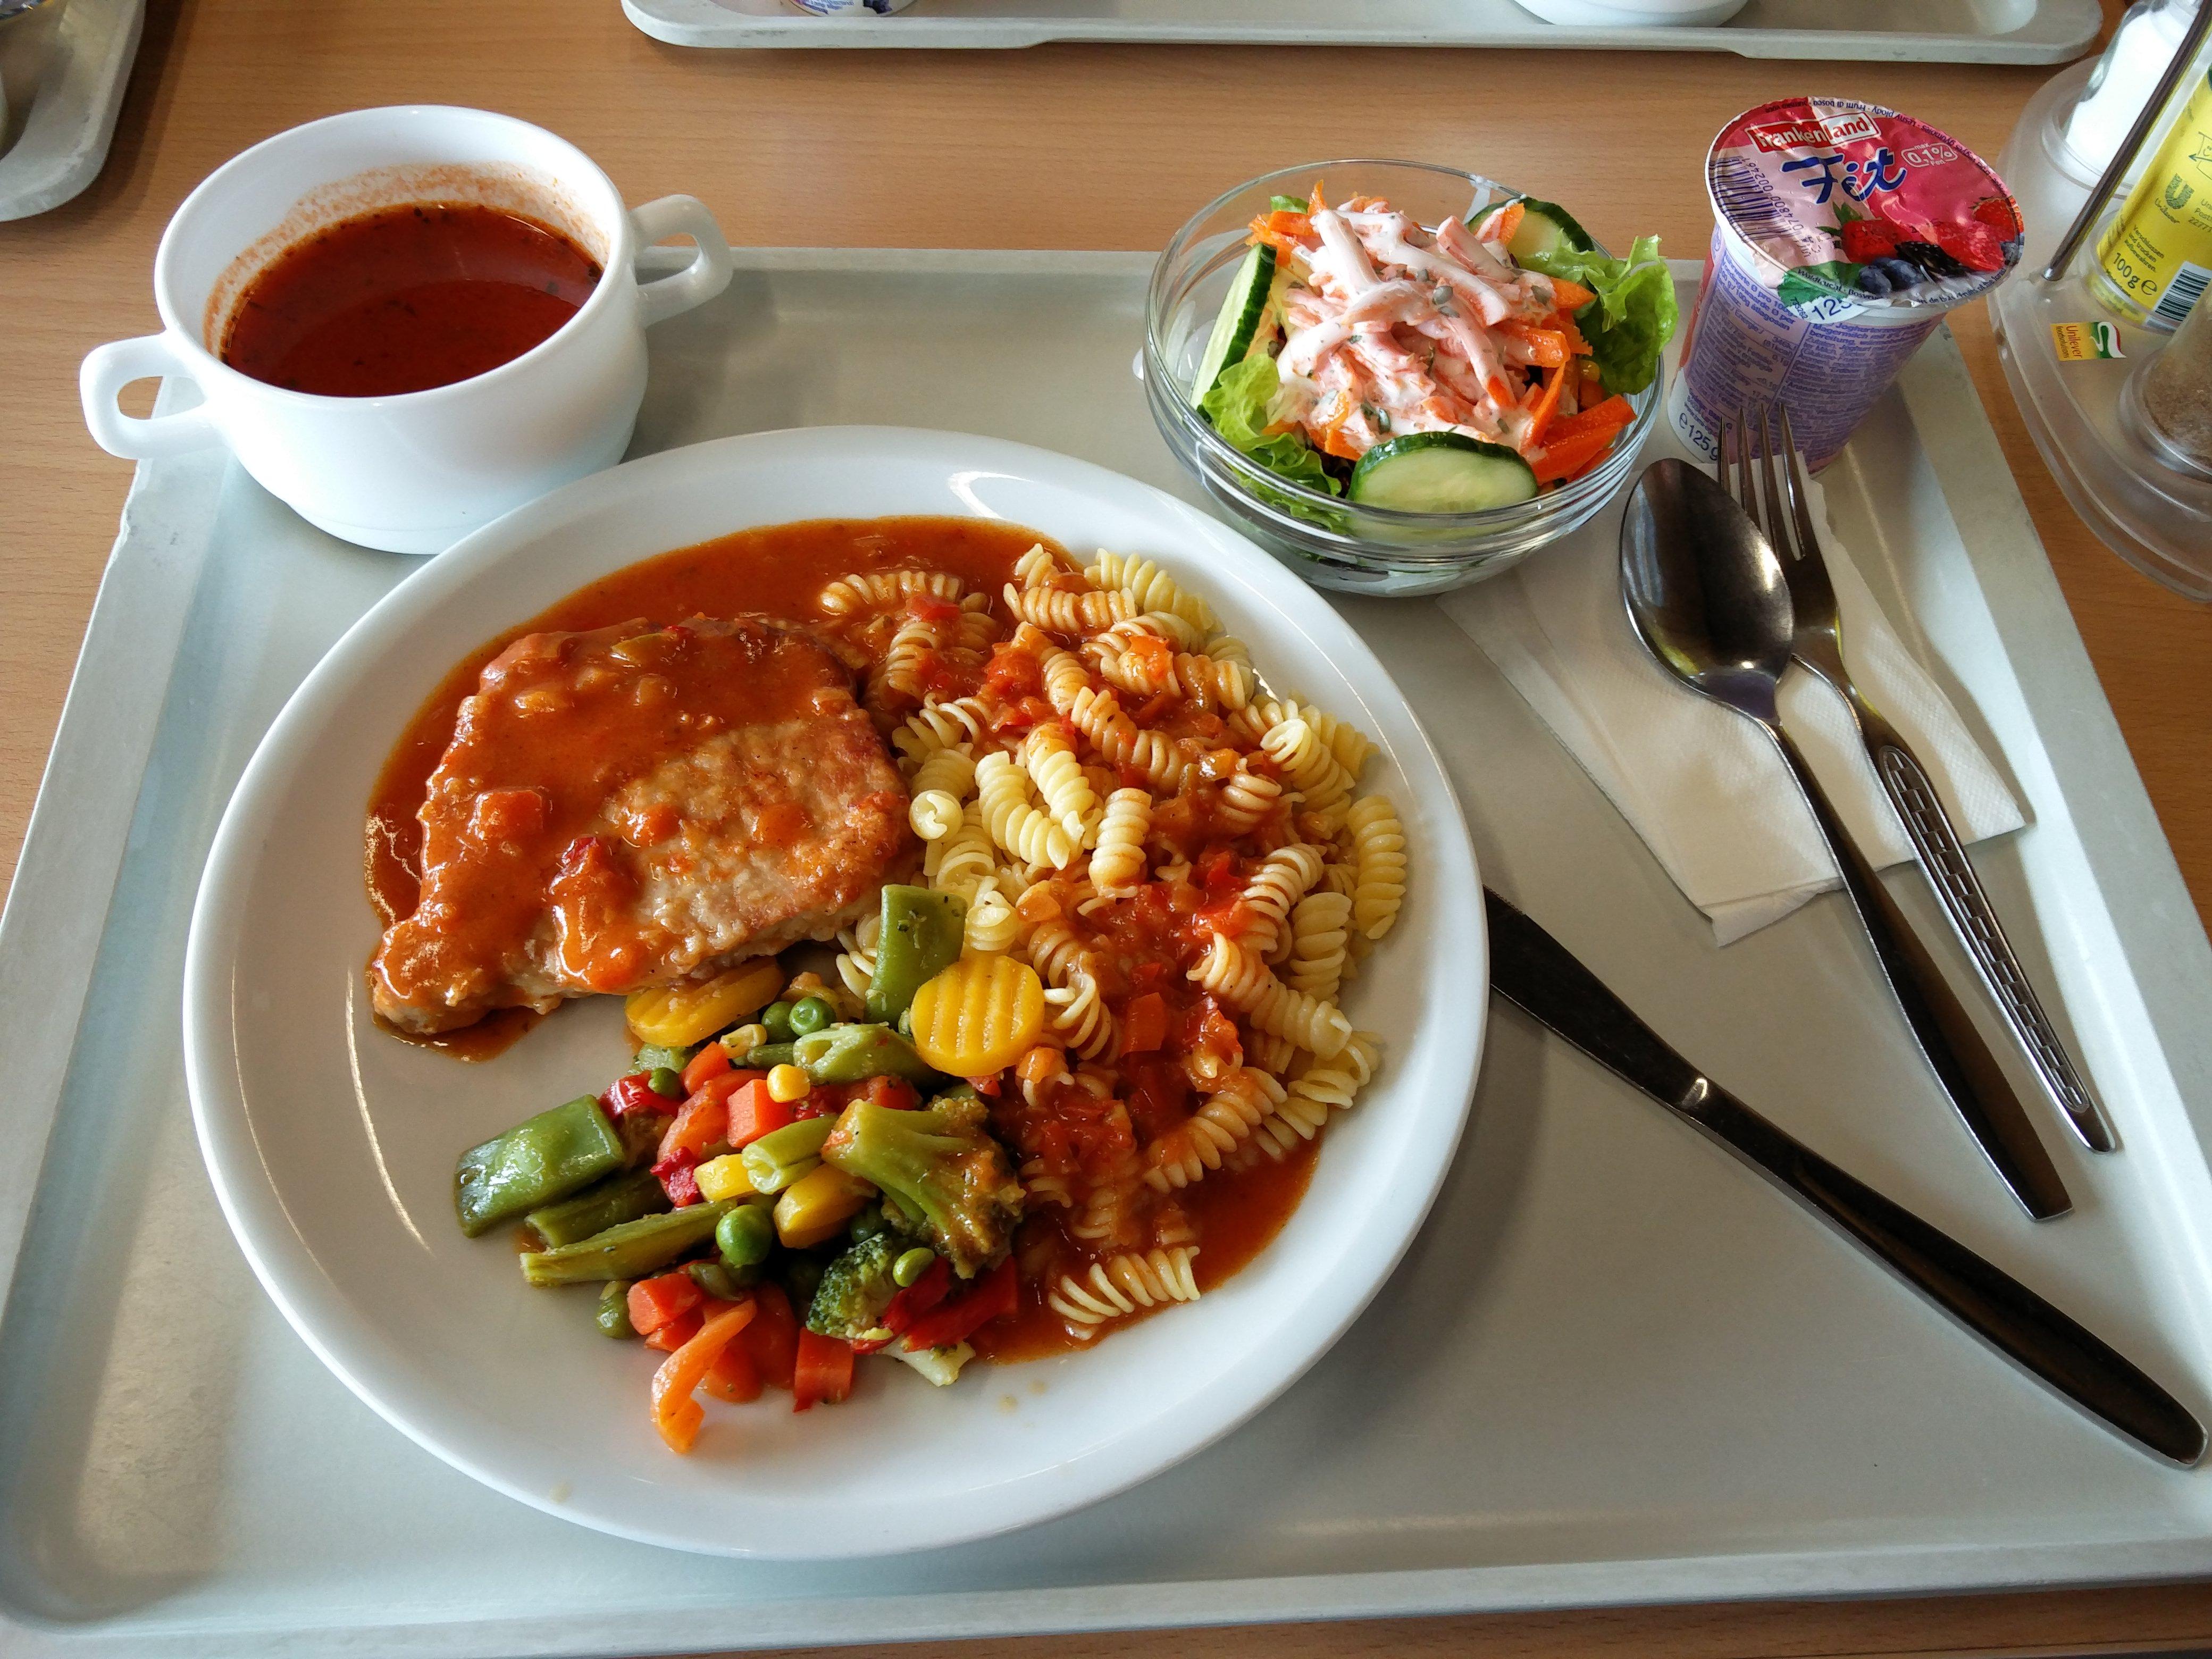 https://foodloader.net/nico_2016-05-17_fleisch-mit-nudeln-gemuese-suppe-salat-und-joghurt.jpg